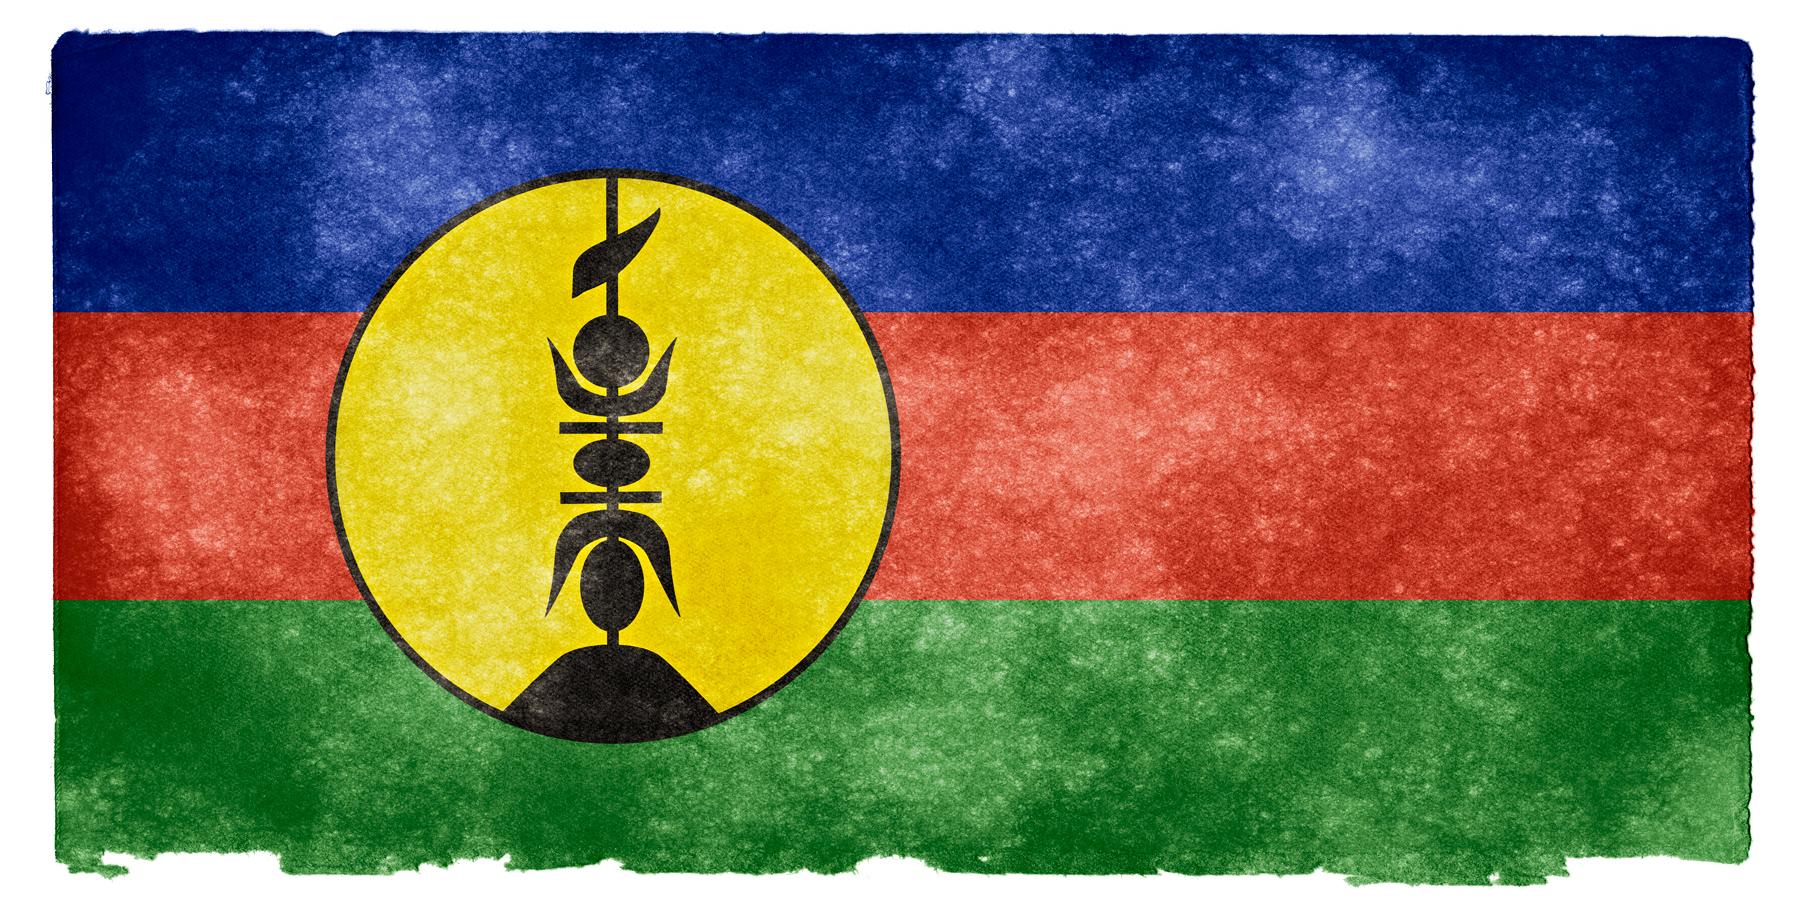 New caledonia grunge flag photo